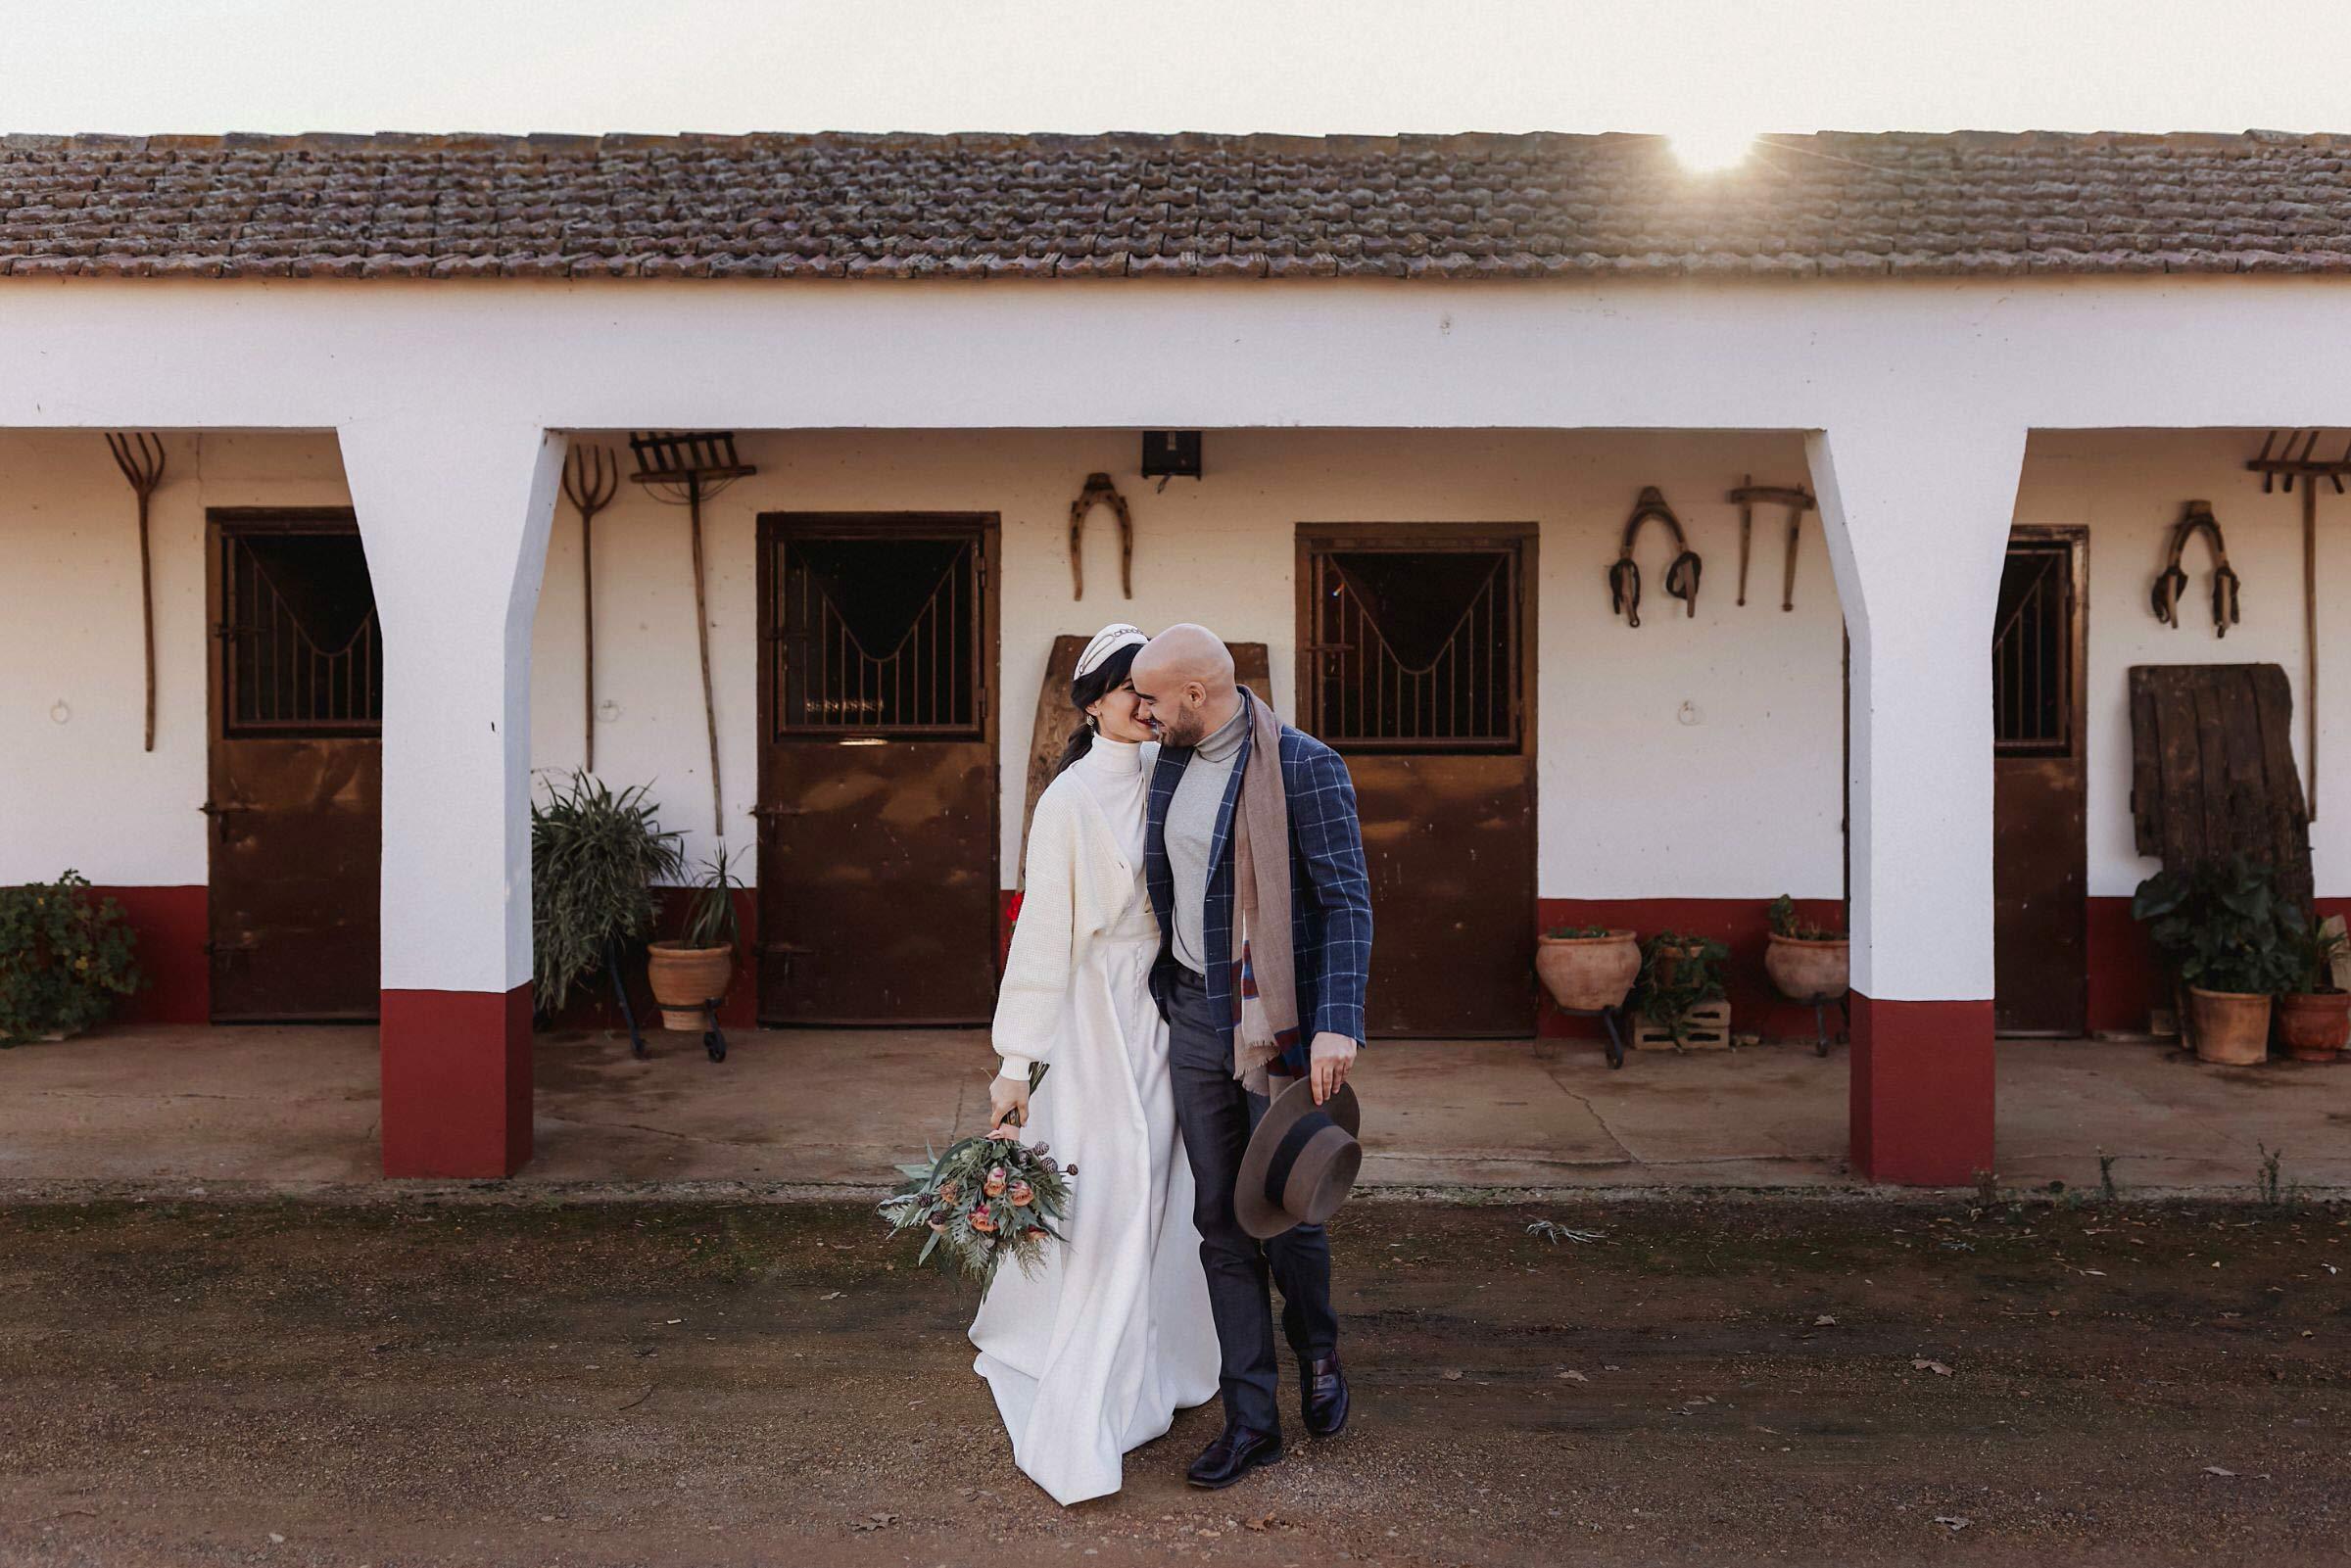 Boda de Invierno en una Casa Rural. Editorial Serendipity. Ernesto Naranjo